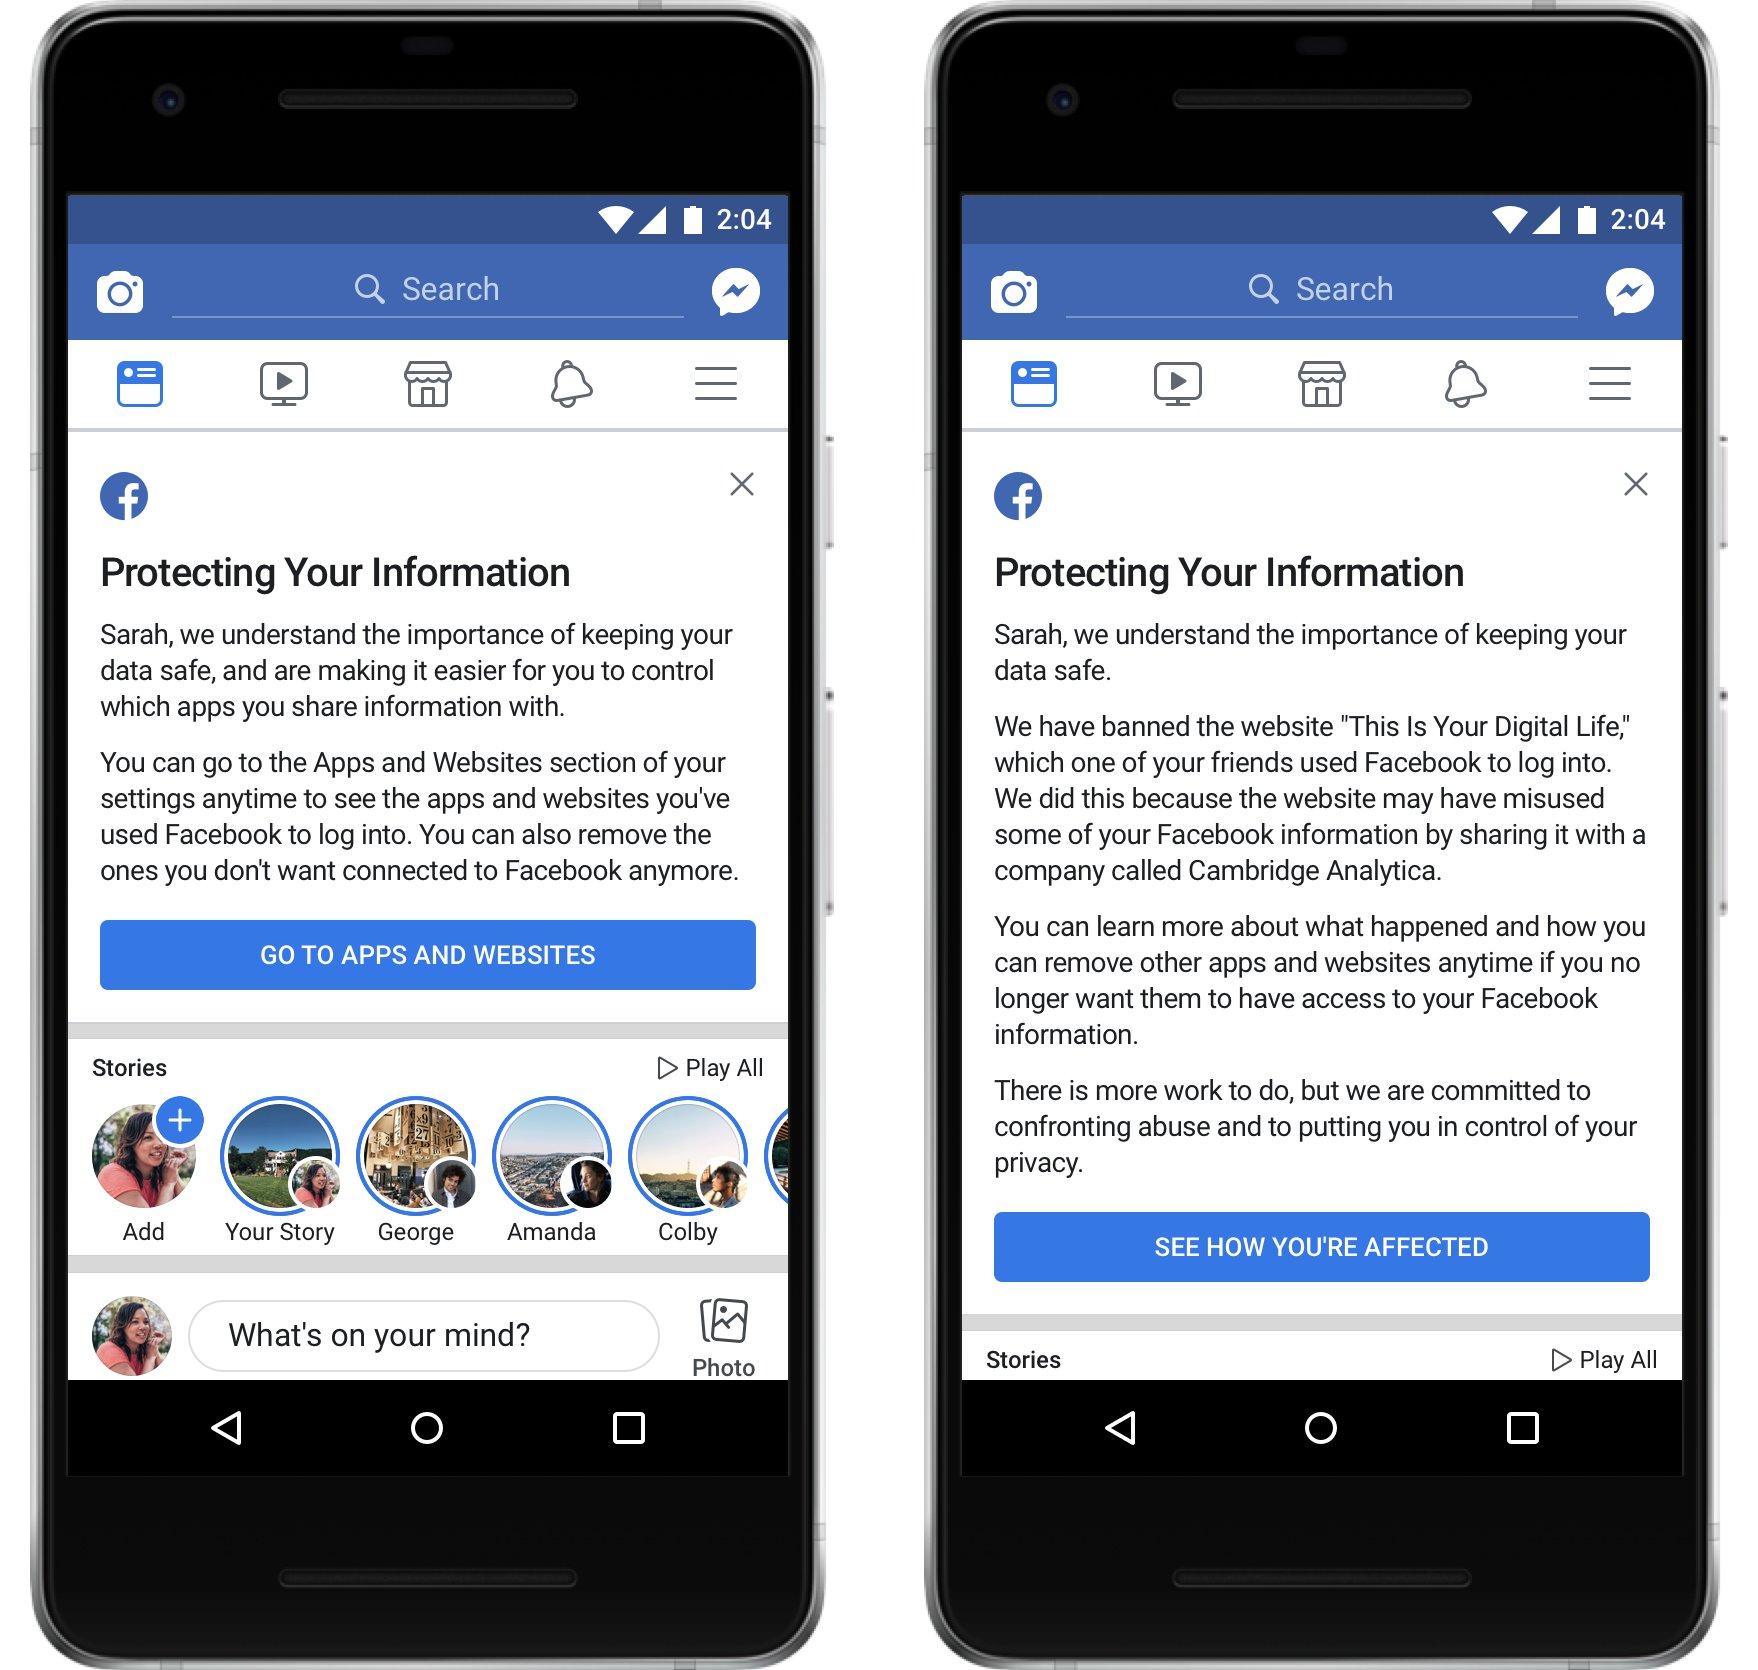 Klokka 18 får du beskjed fra Facebook - ble du misbrukt i personvern-skandalen?